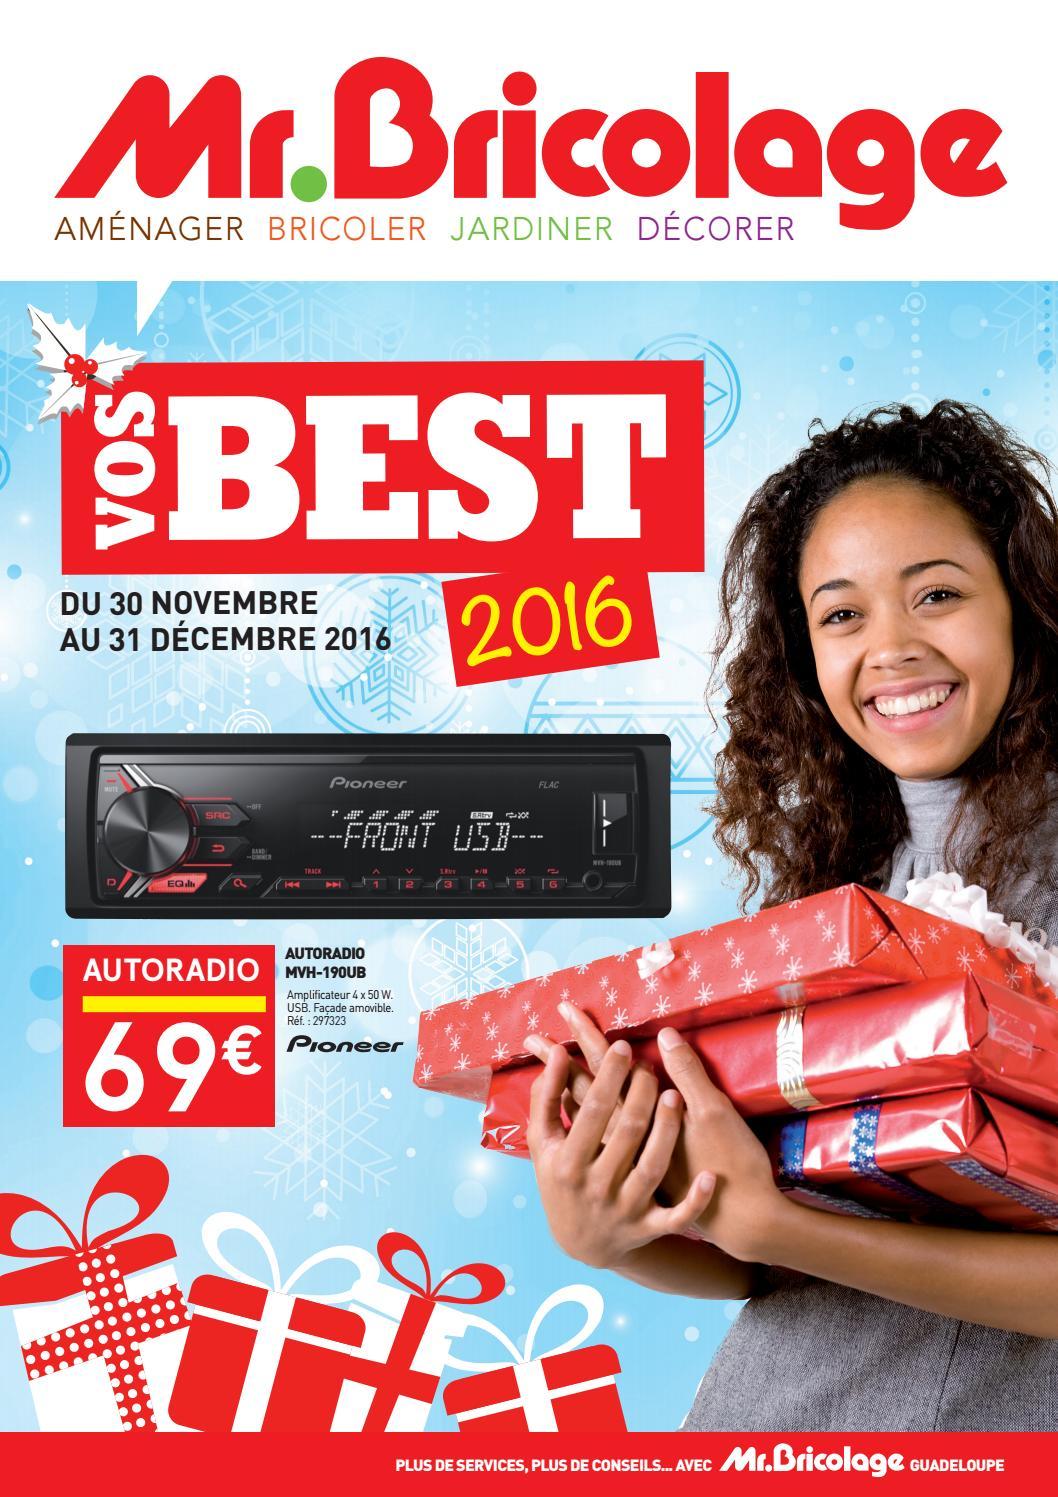 Mr Bricolage Guadeloupe Vos Best 2016 Du 30 Novembre Au